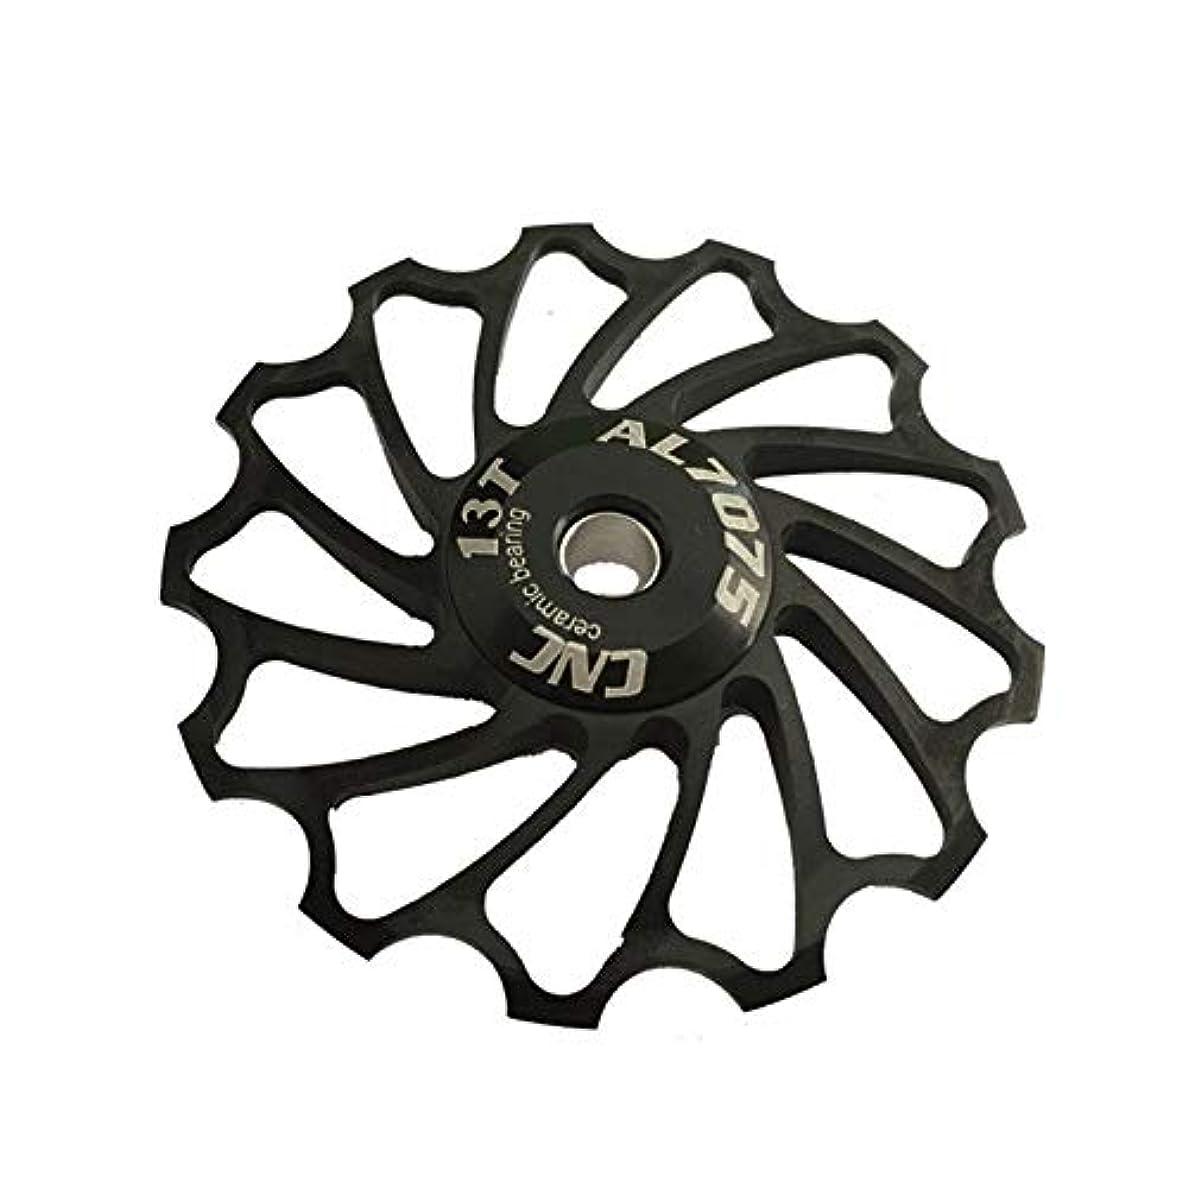 散らすレンチジムPropenary - Cycling bike ceramics Jockey Wheel Rear Derailleur Pulley 13T 7075 Aluminum alloy bicycle guide pulley bearing bicycle parts [ Black ]